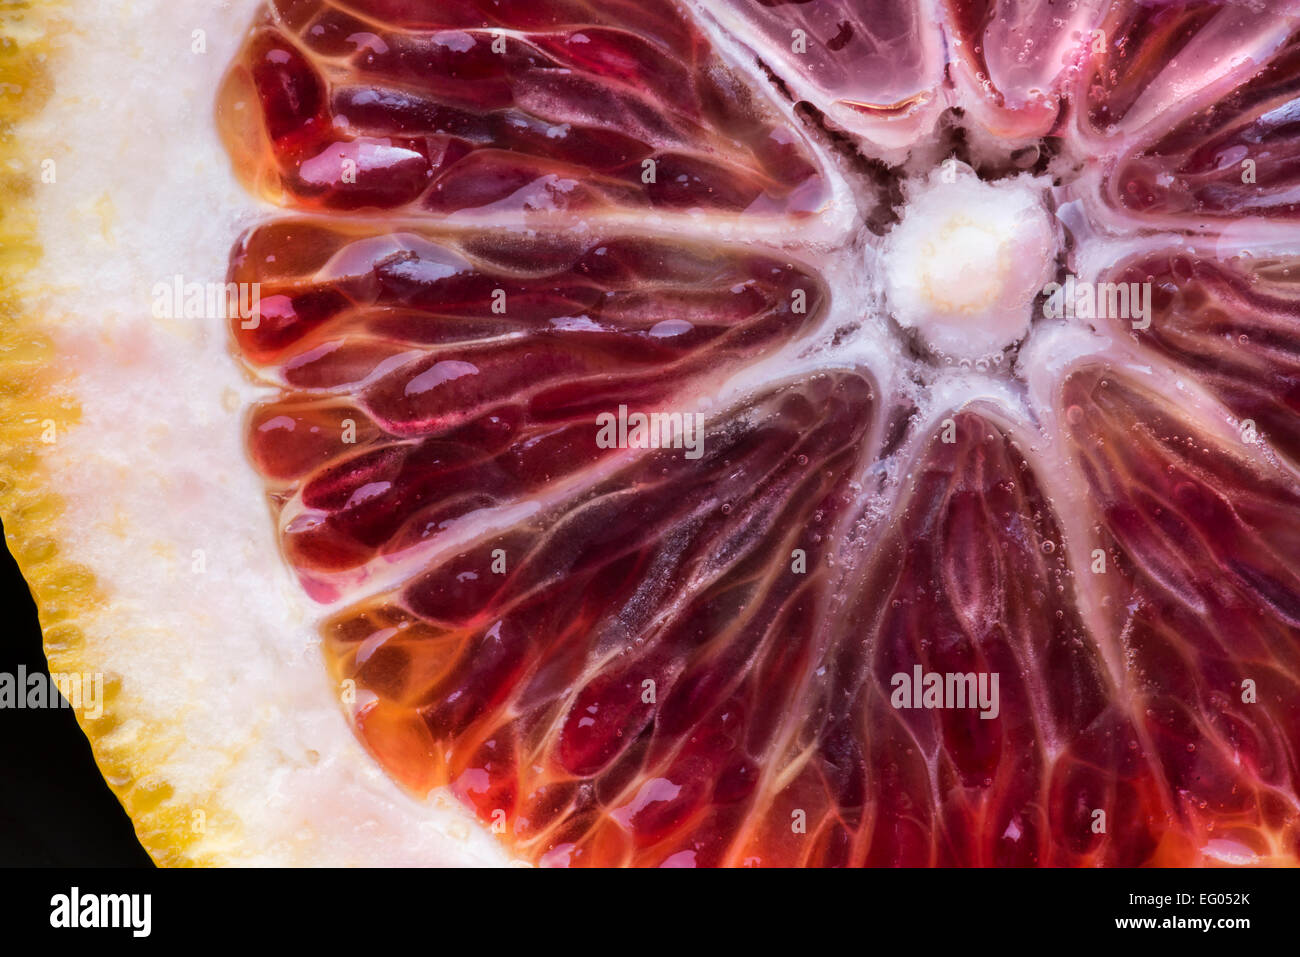 Très proche du détail chair orange sanguine. Photo Stock